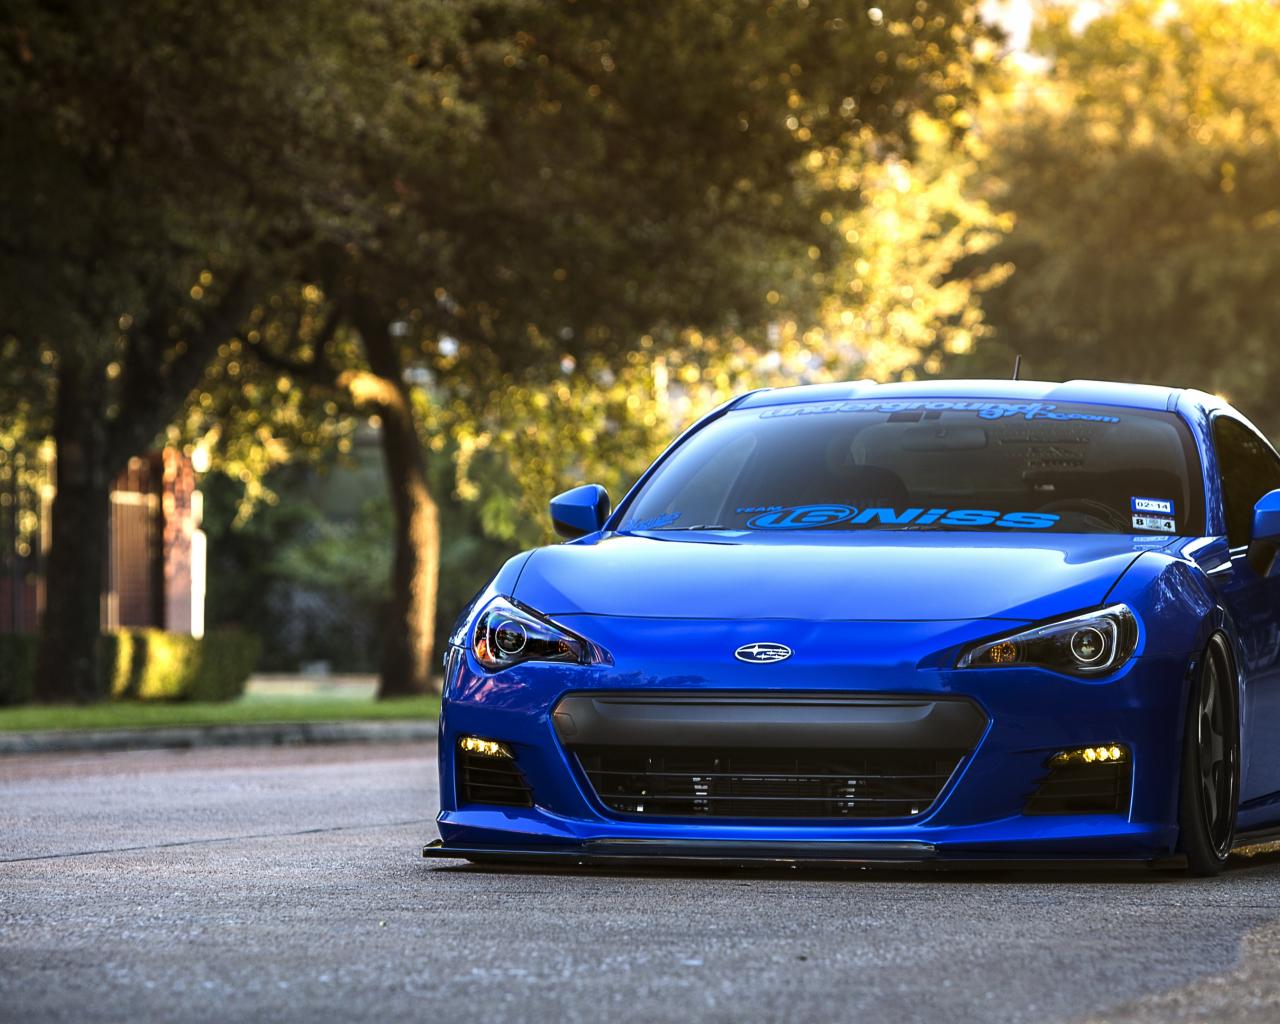 Free download Best 4K Ultra HD Cars Wallpapers Desktop ...